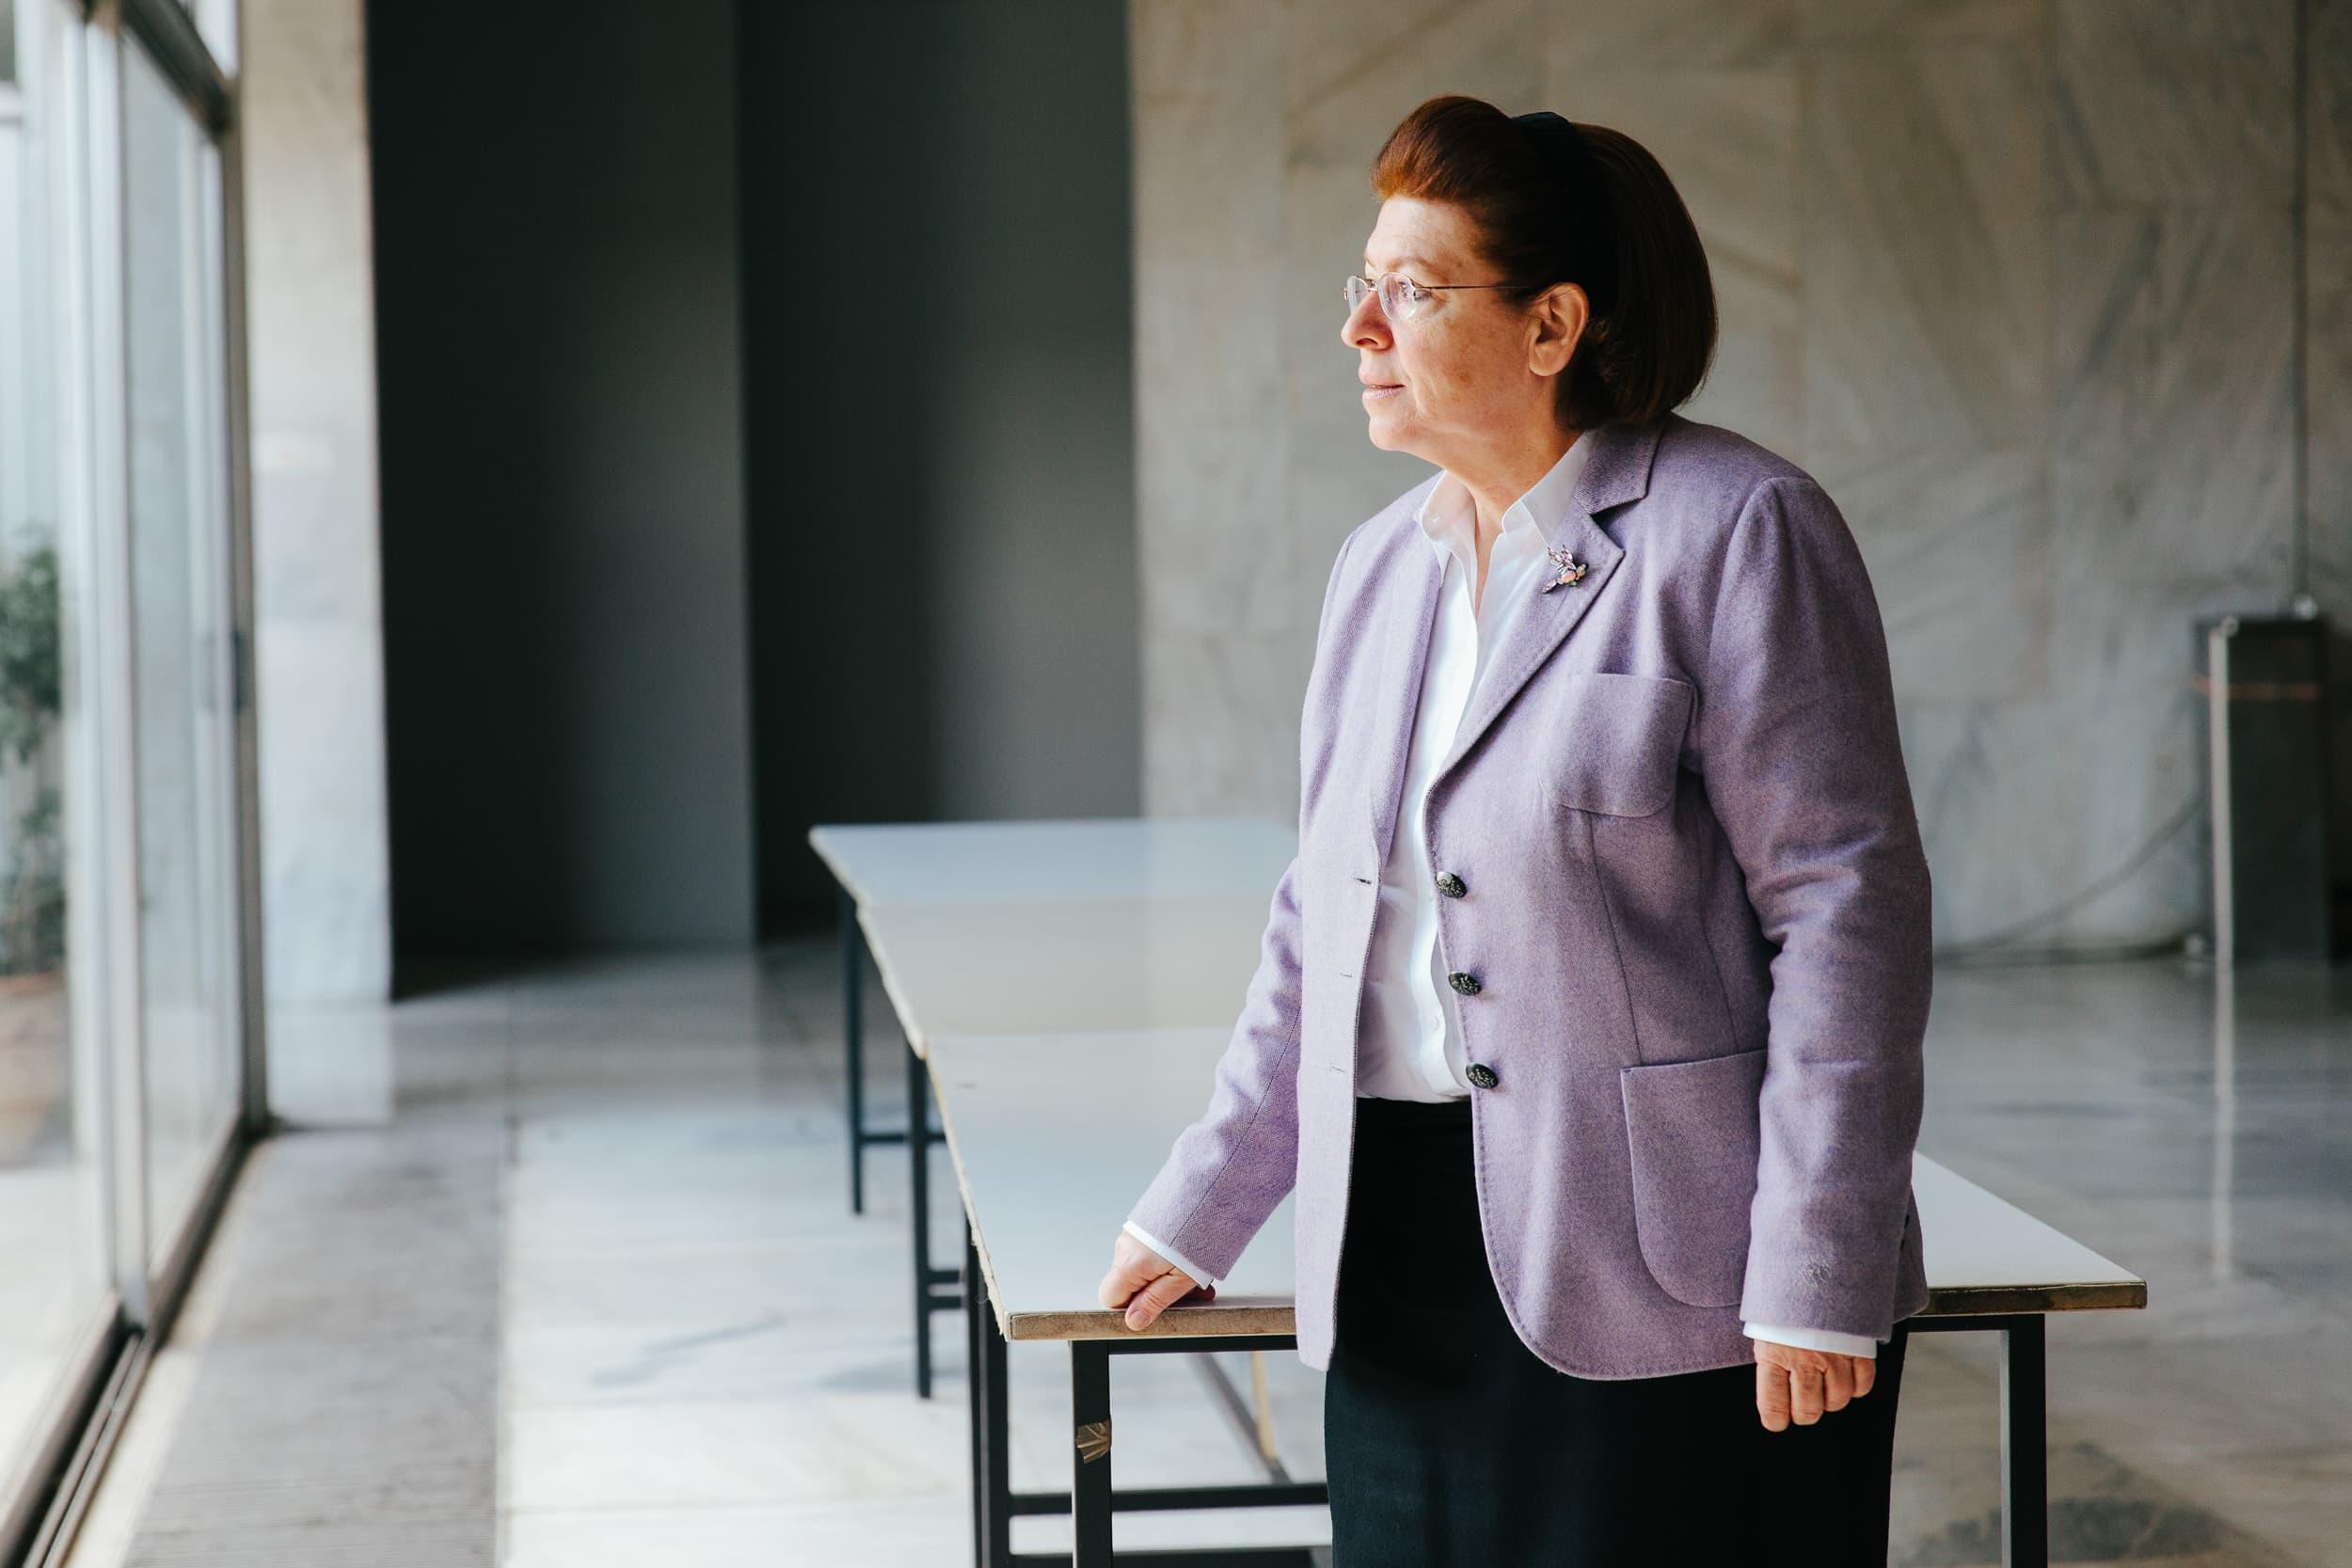 Λίνα Μενδώνη: Ποια είναι η νέα υπουργός Πολιτισμού – Αθλητισμού της κυβέρνησης Μητσοτάκη | Notioi.gr